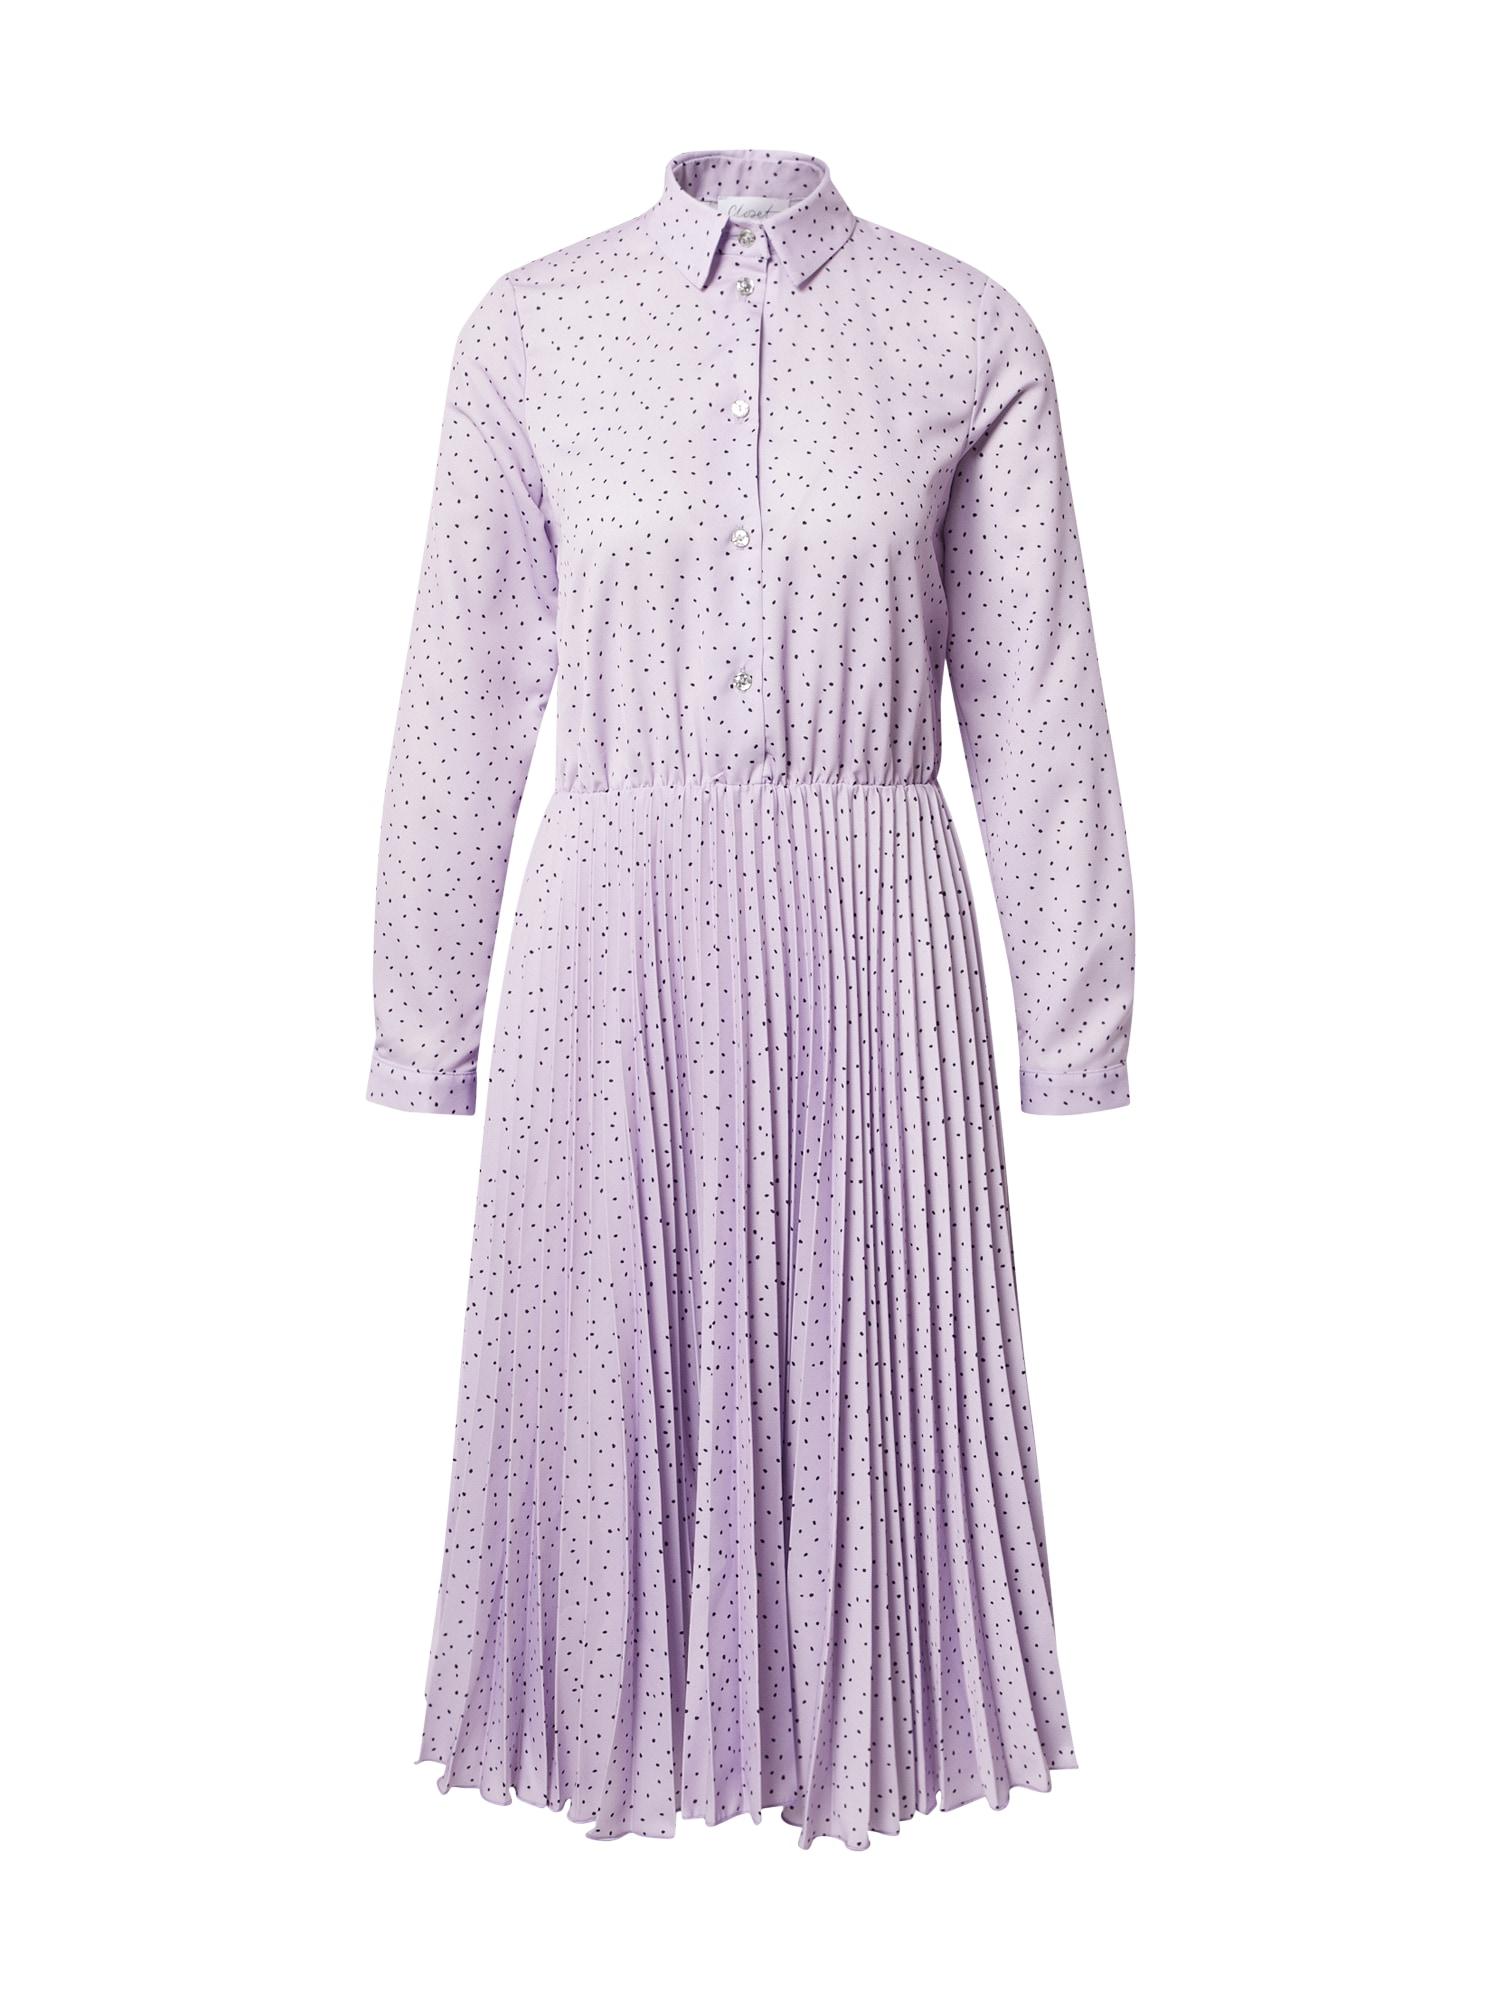 Closet London Palaidinės tipo suknelė alyvinė spalva / juoda